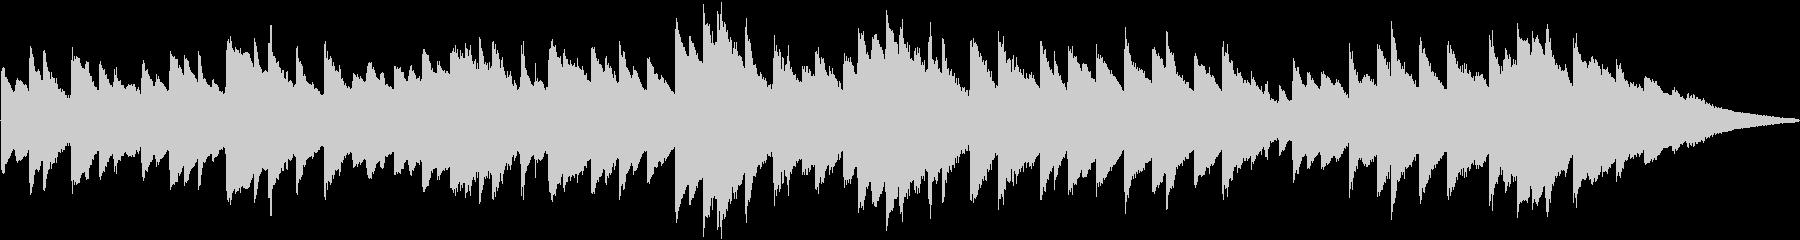 オルゴール曲で、着信音やCMなどに適し…の未再生の波形